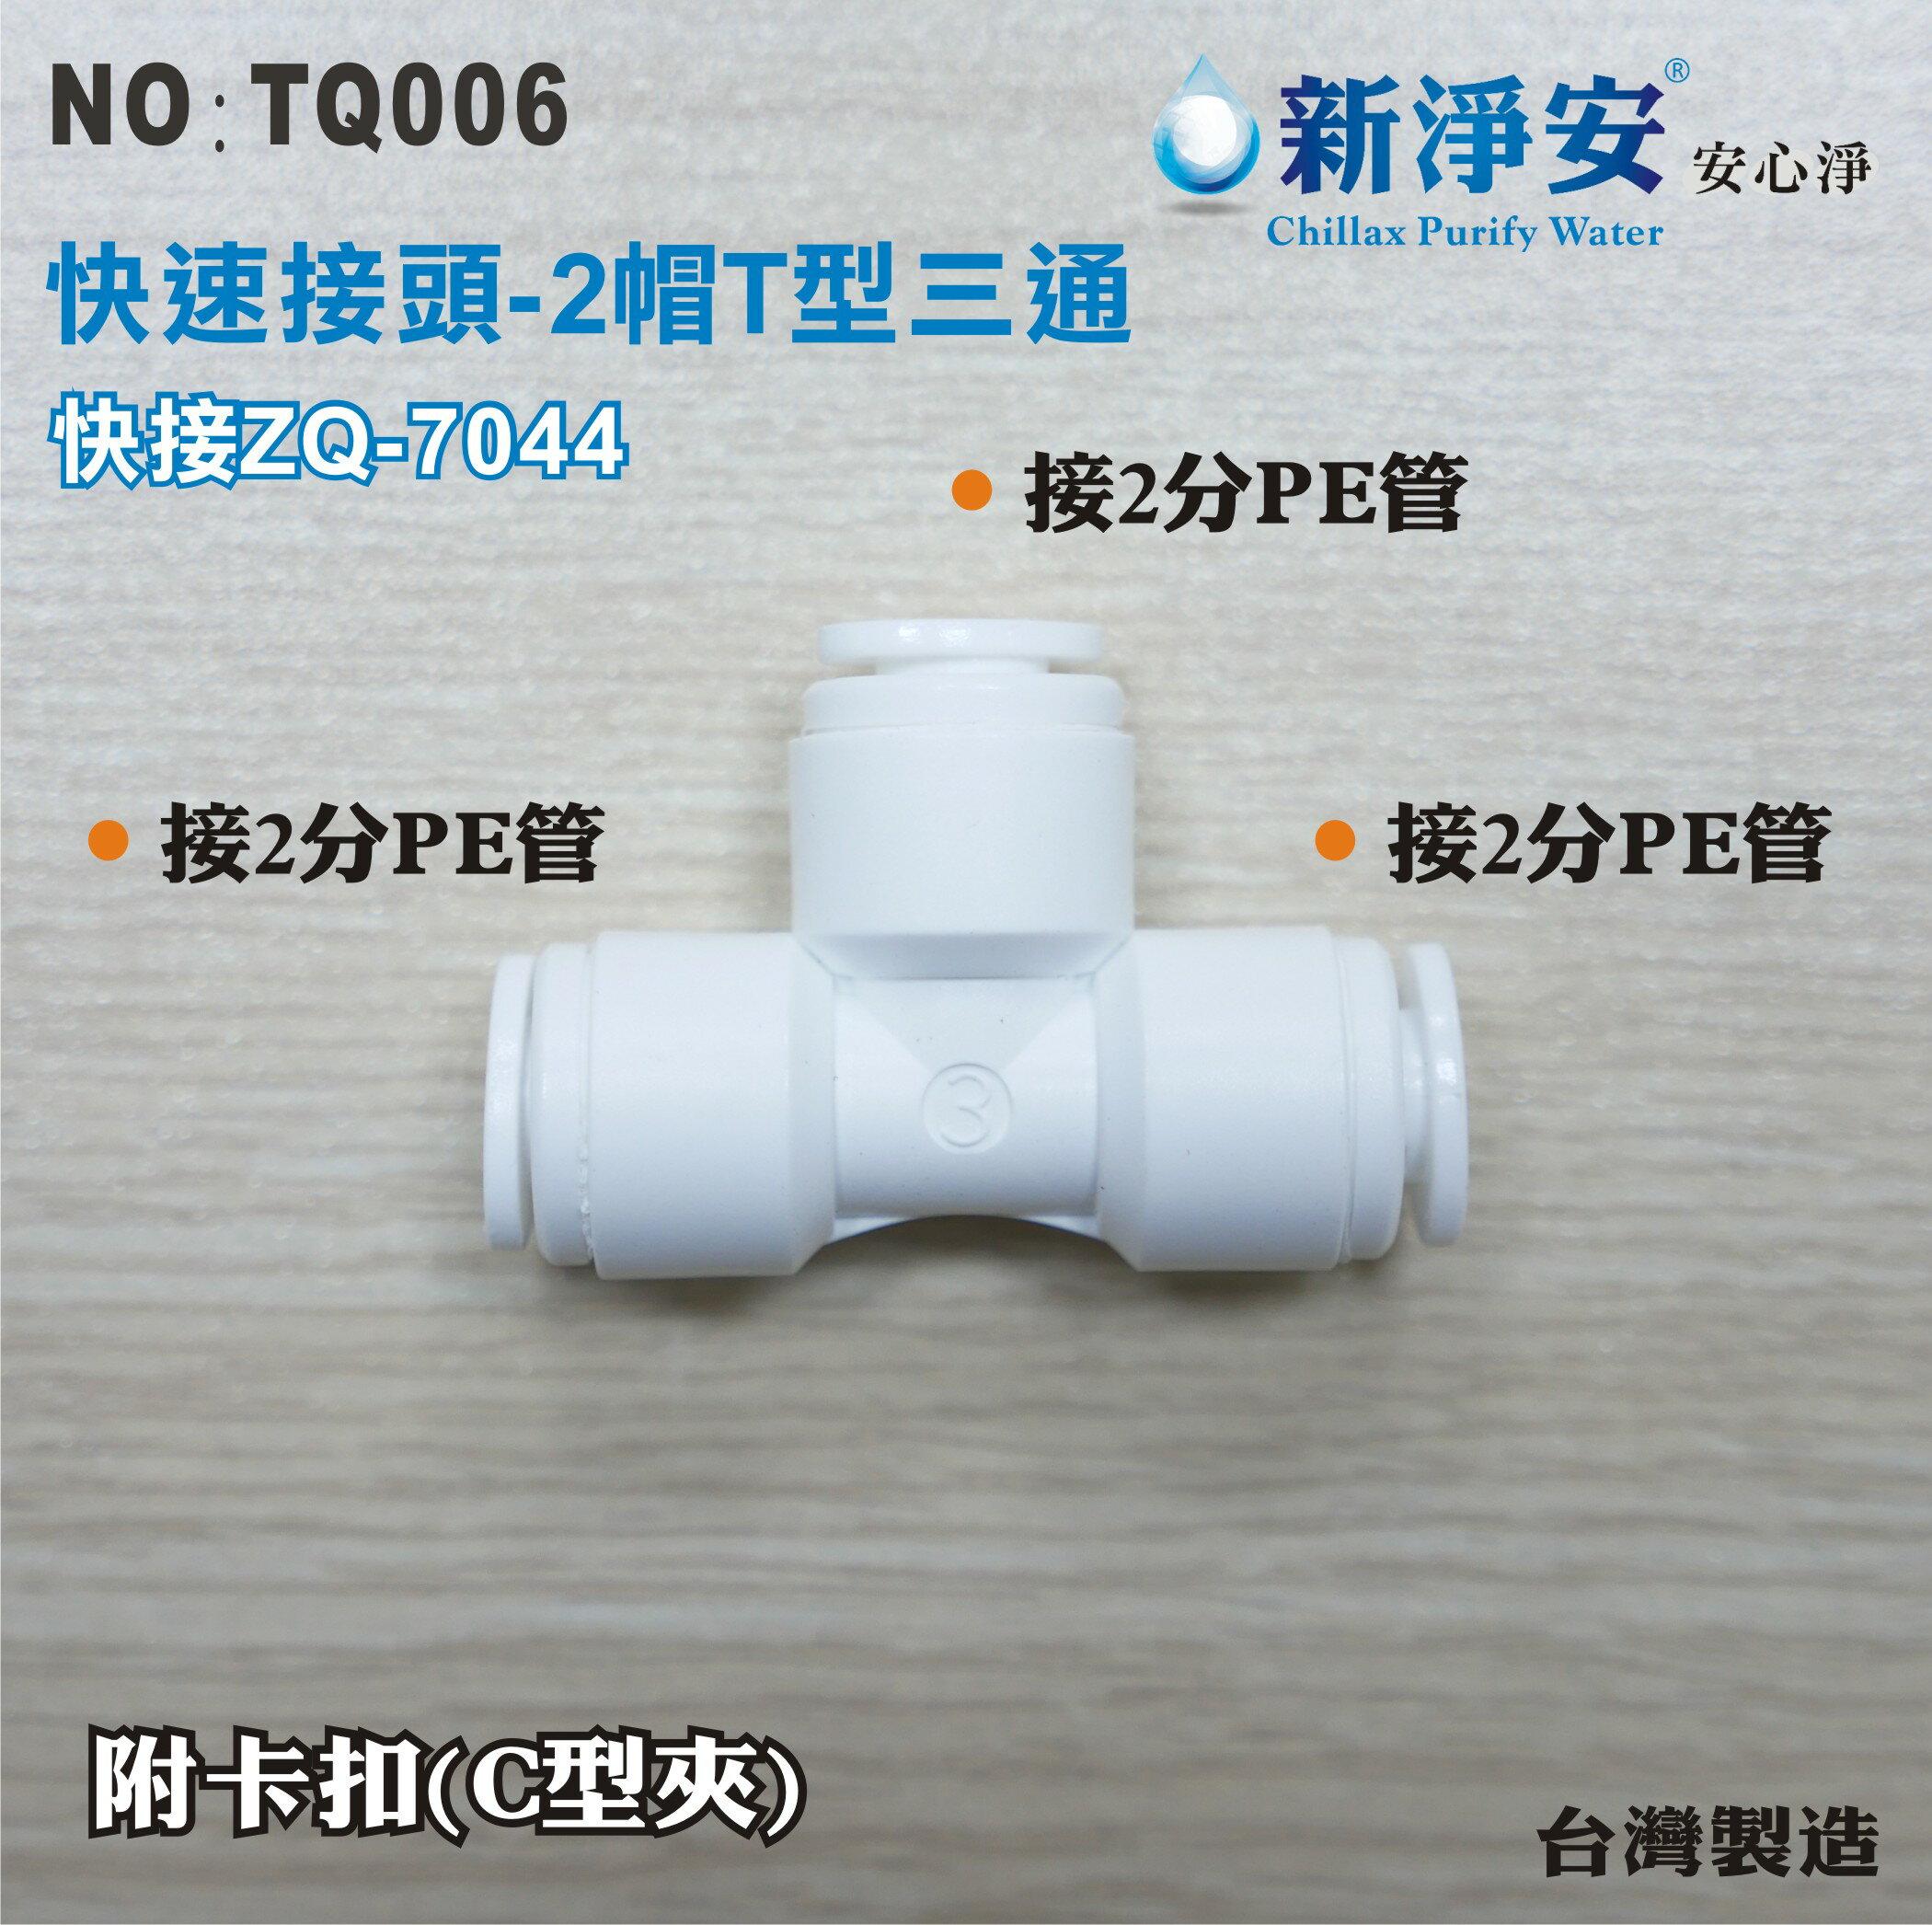 ◆開店慶衝評價◆【新裕淨水】ZQ-7044 塑膠快速接頭 2分管三通T型接頭 2帽三通 淨水器用(TQ006)